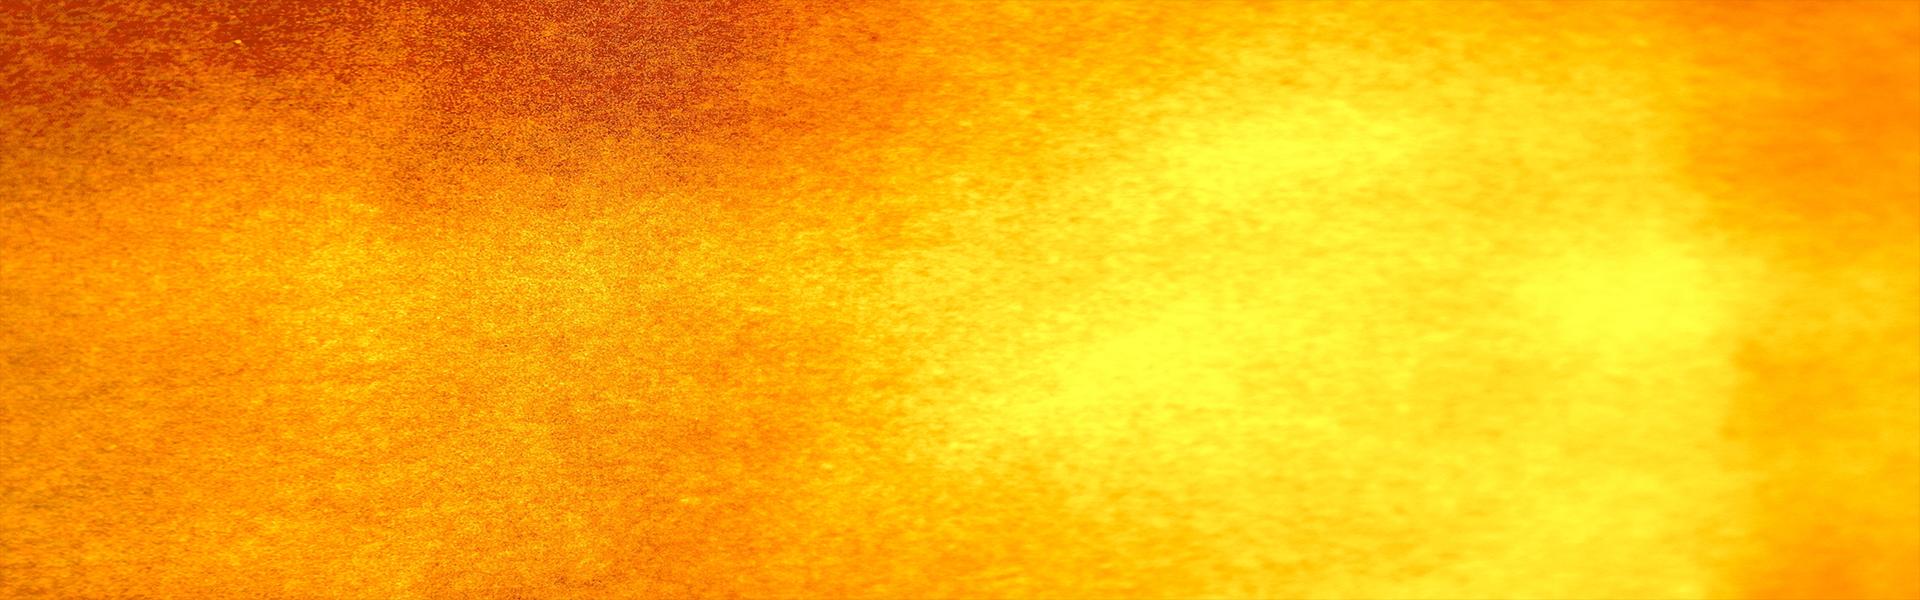 orange backgound